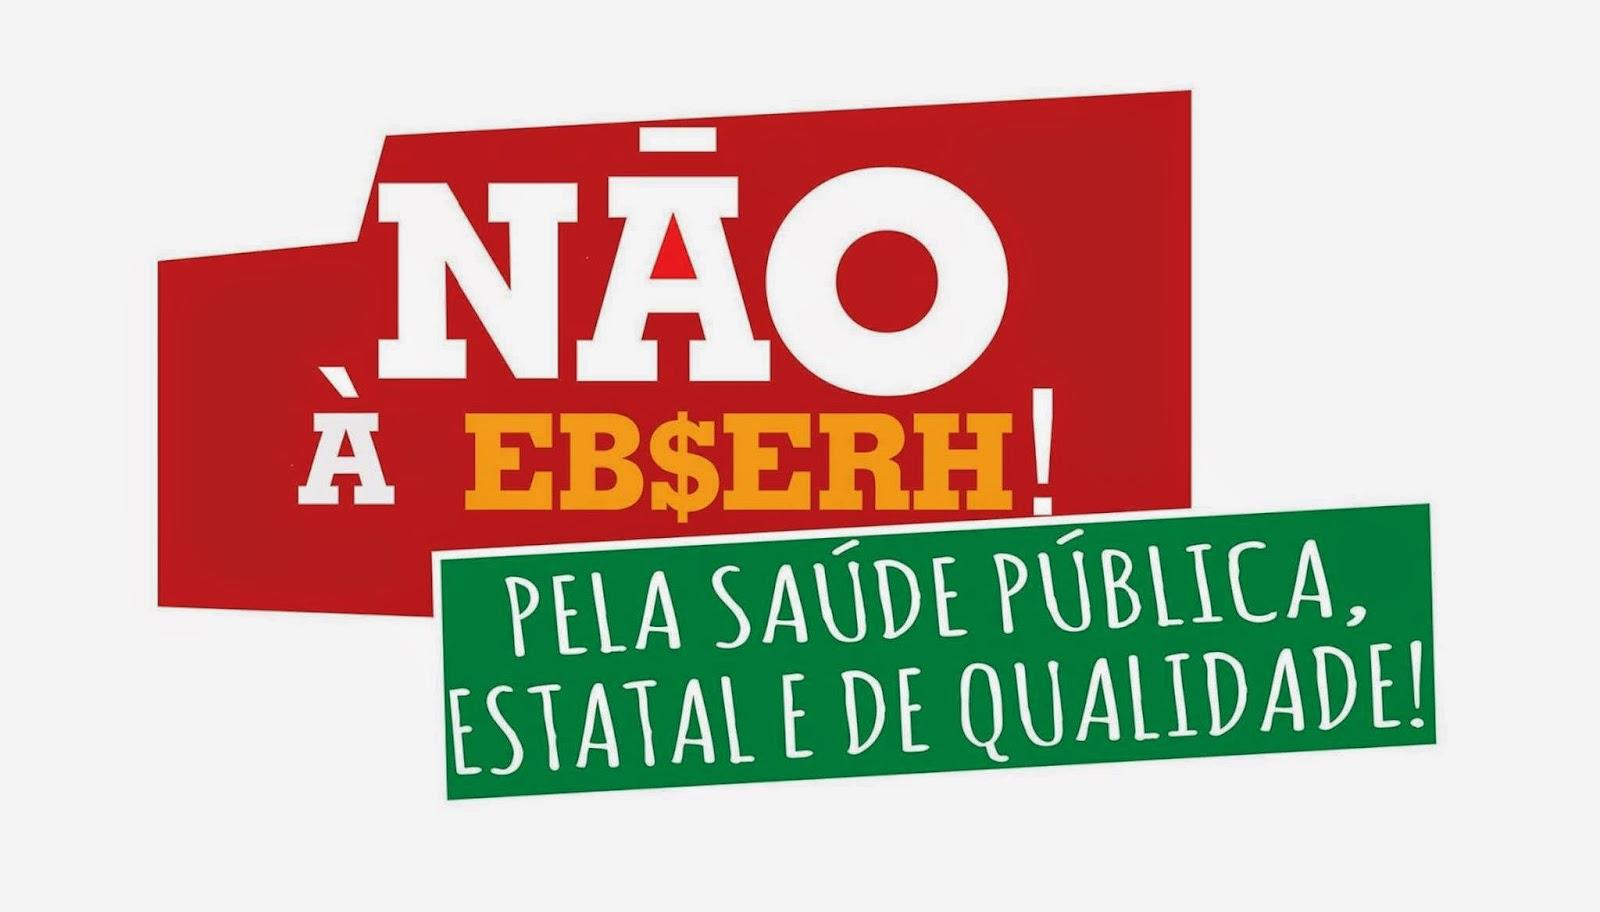 UFSC rechaça a EBSERH em plebiscito inédito!